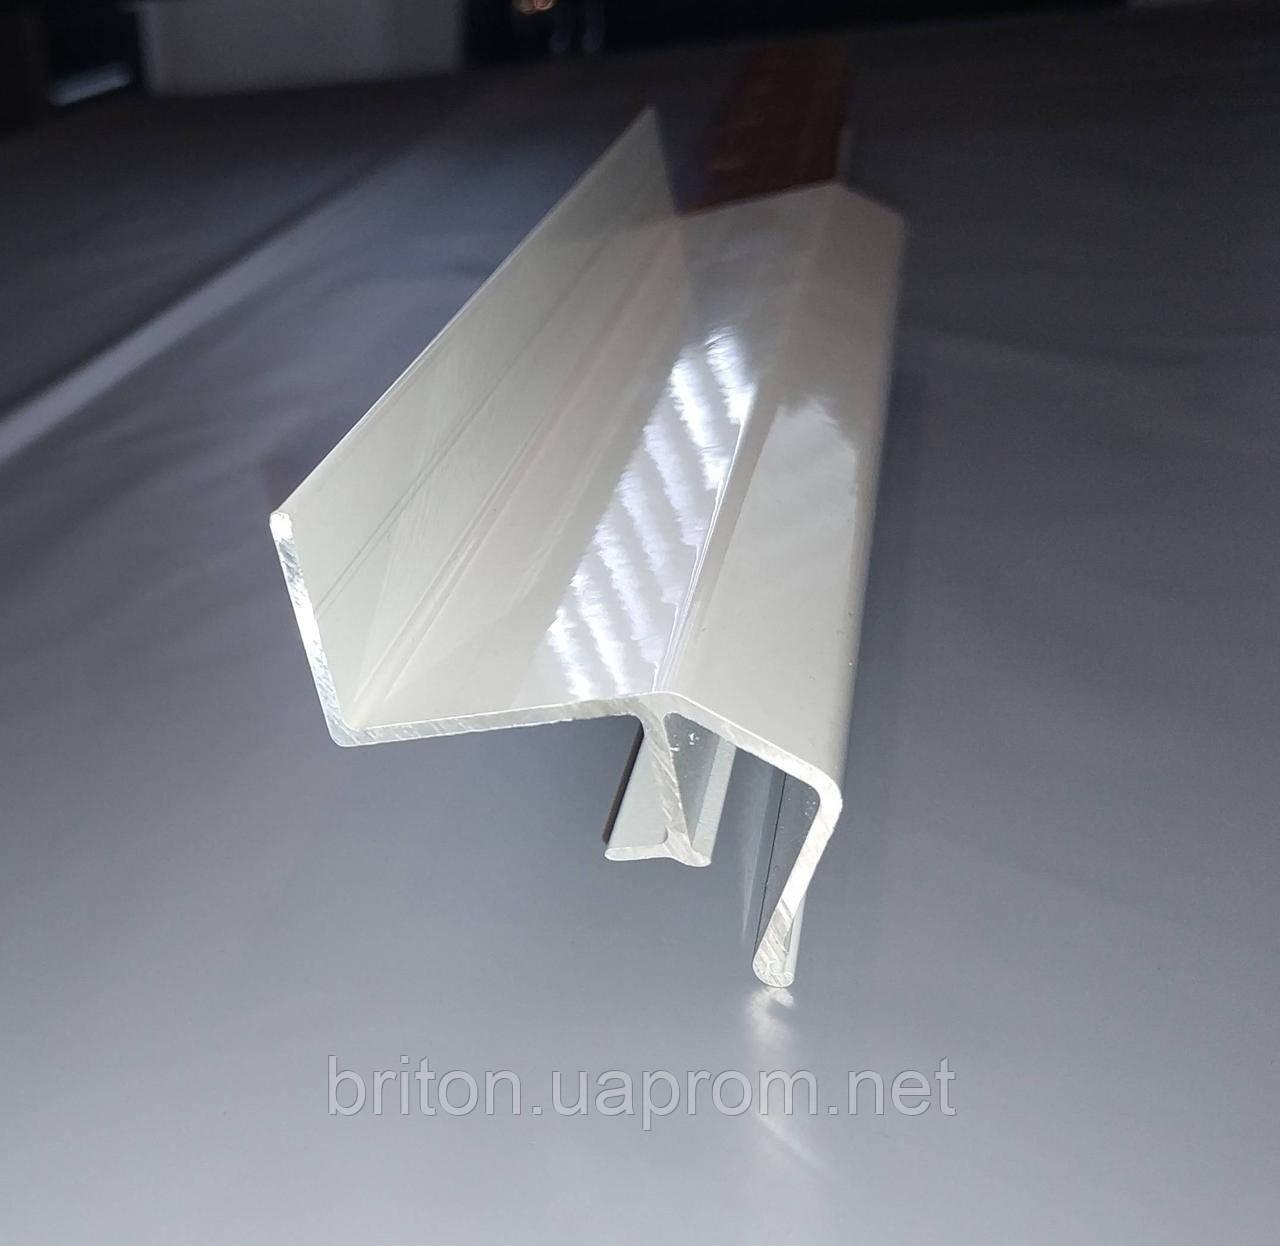 Профиль парящий, окрашенный в белый цвет Для монтажа потолков из парящий эффектом.